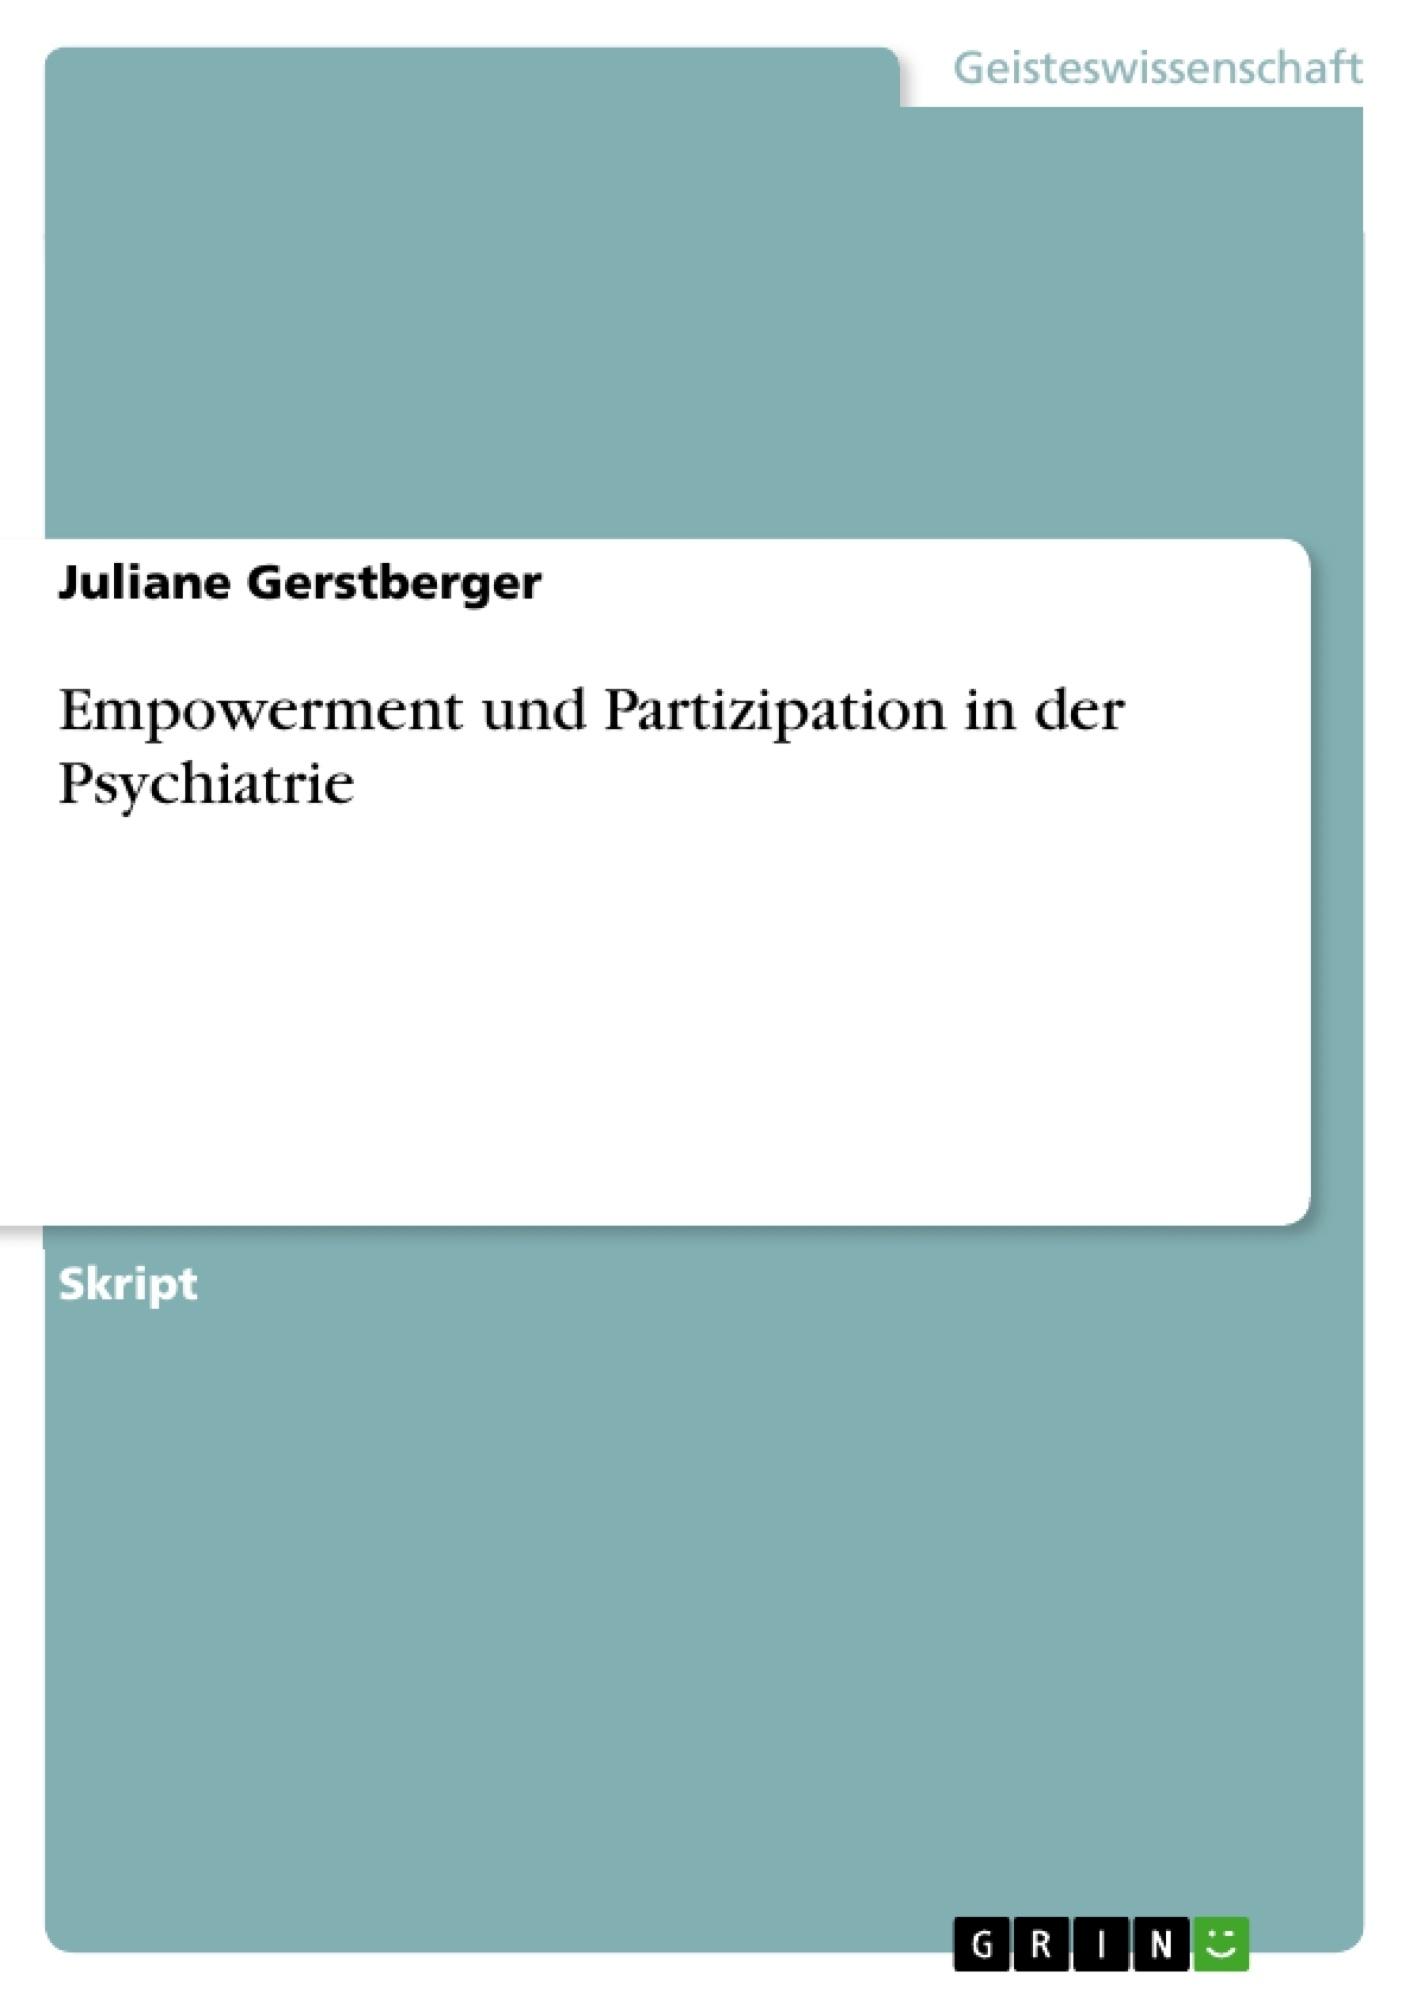 Titel: Empowerment und Partizipation in der Psychiatrie